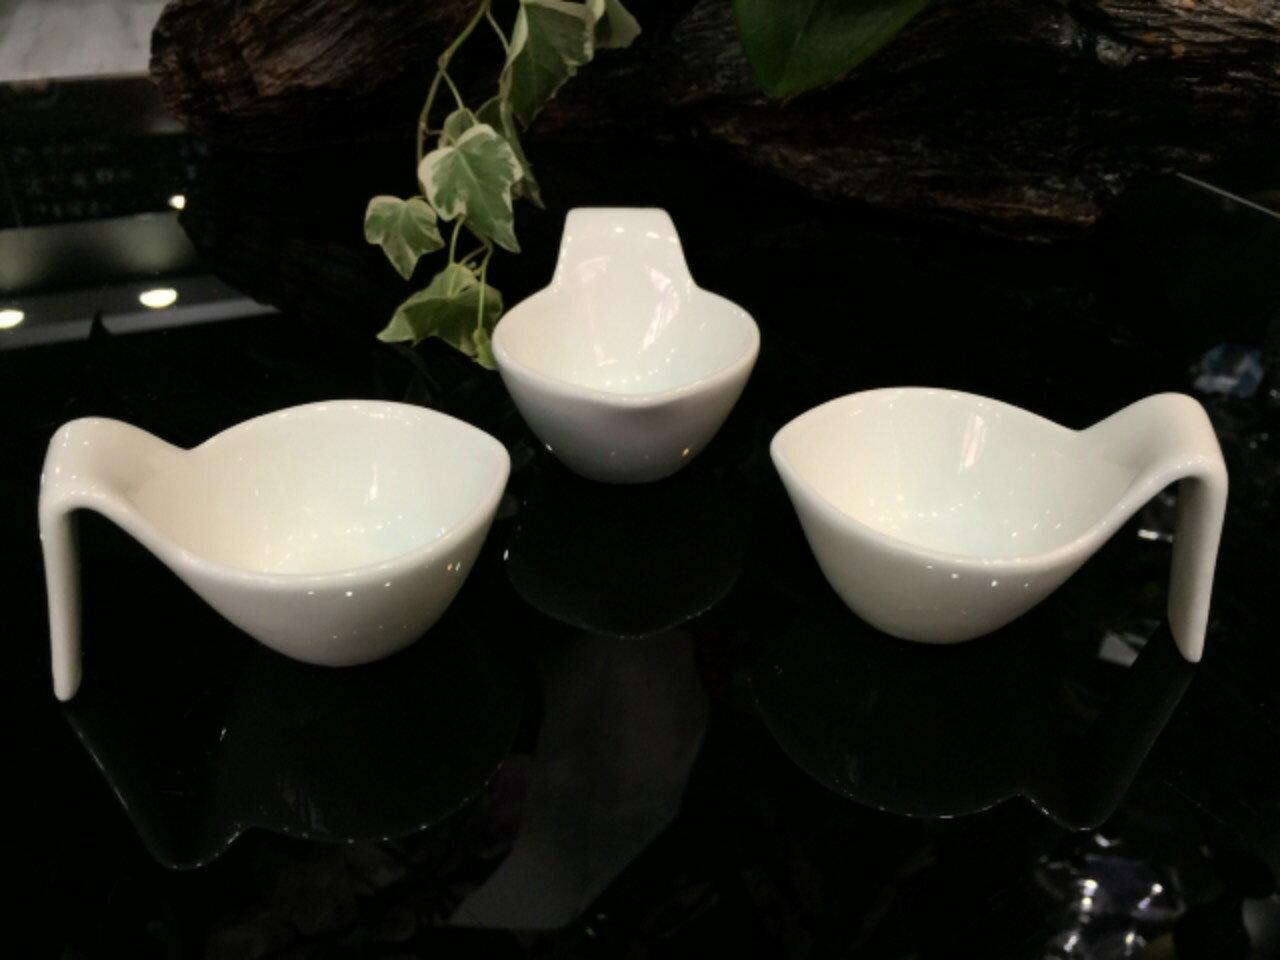 【日本-DULTON】勺型陶瓷調味皿(一組四入)-獨特的勺型設計,既像勺子又像杯子,適合放調味料、小菜、簡單沙拉的裝盤 1